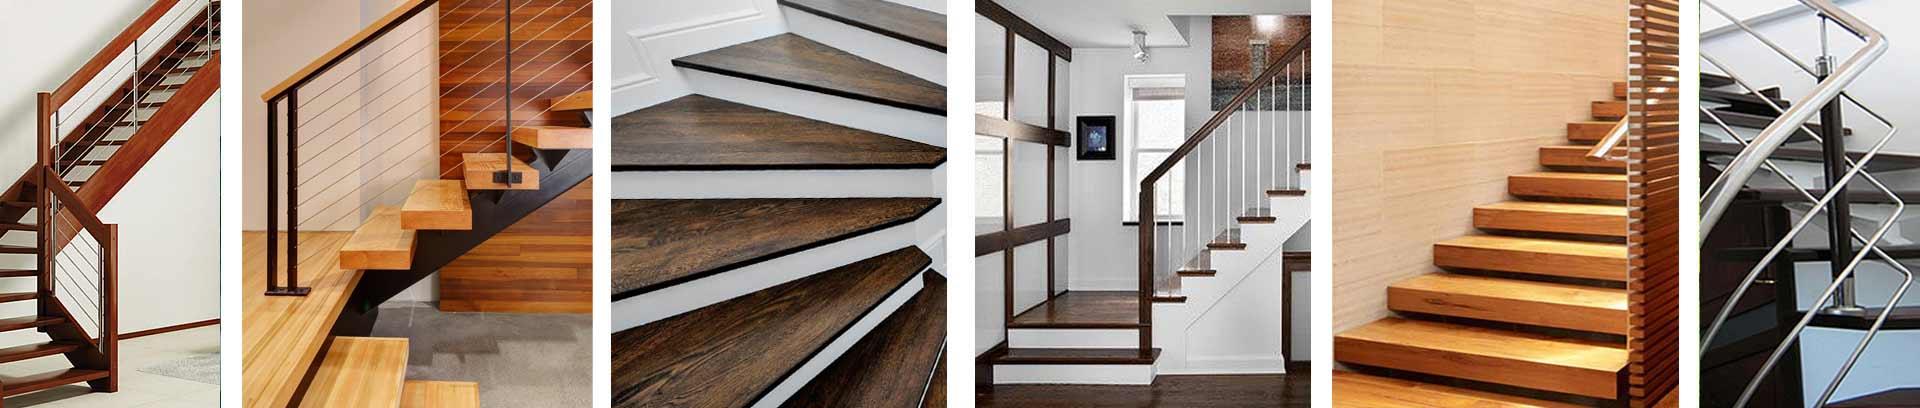 trepte-scari-lafor-despre